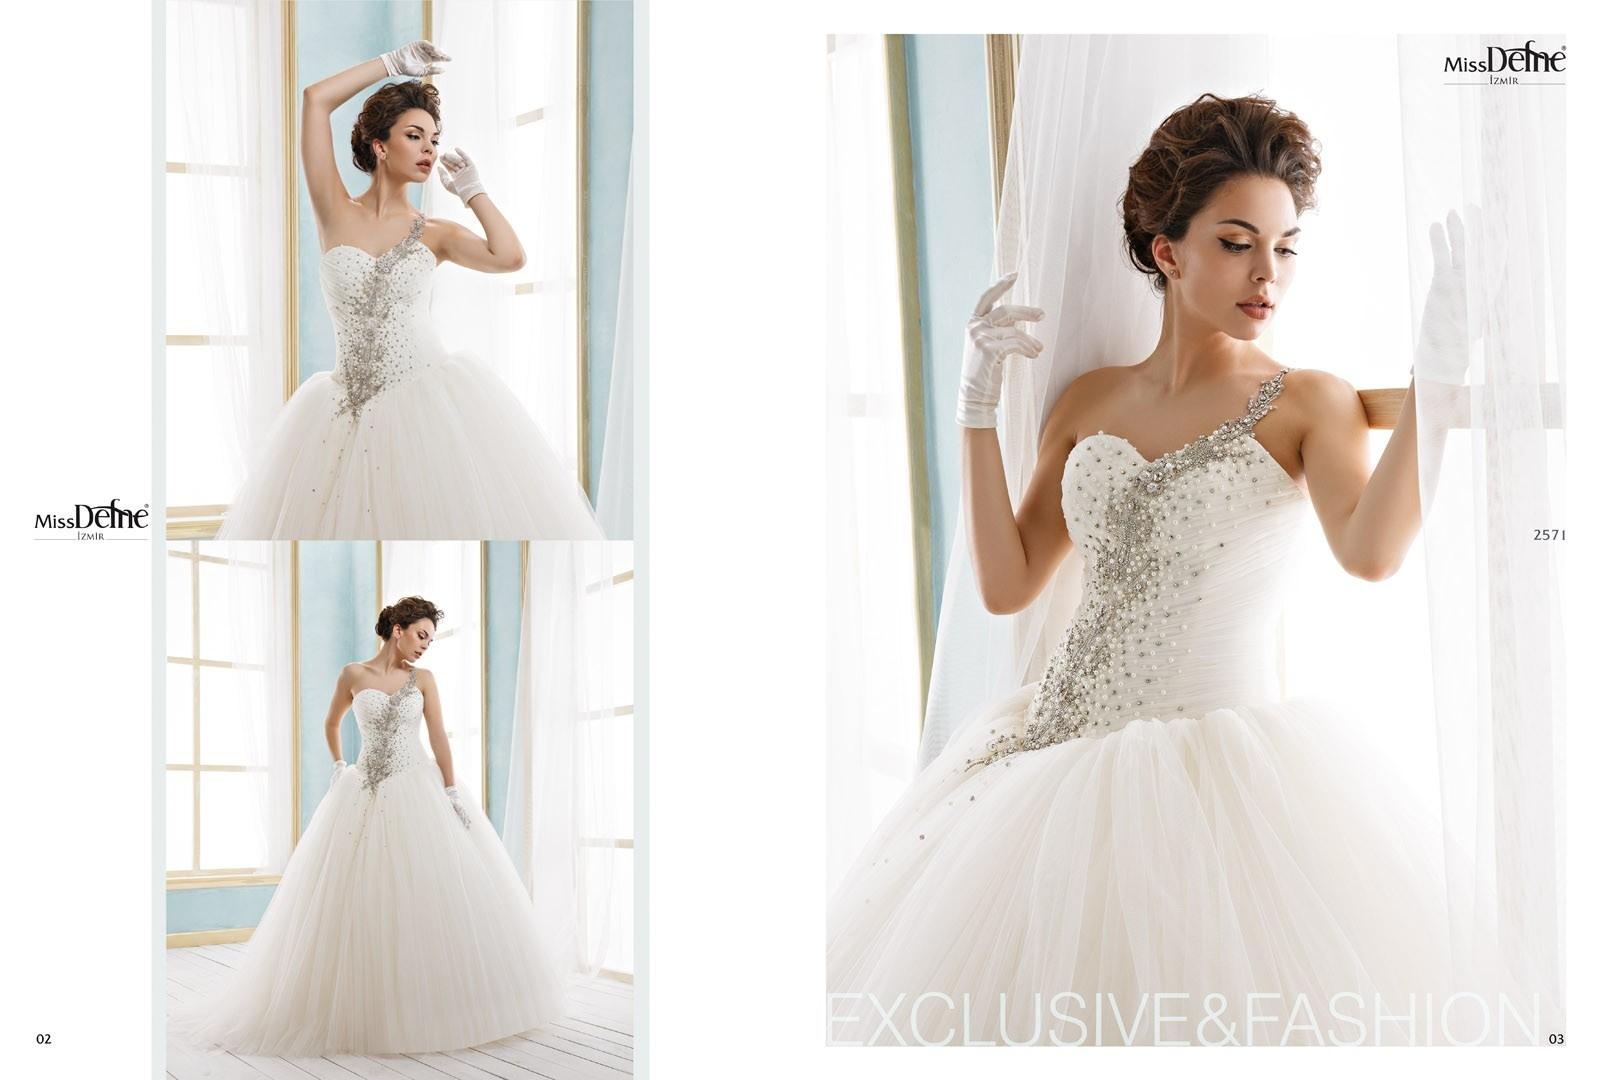 17 Ausgezeichnet Brautmode Kaufen Stylish17 Spektakulär Brautmode Kaufen Stylish